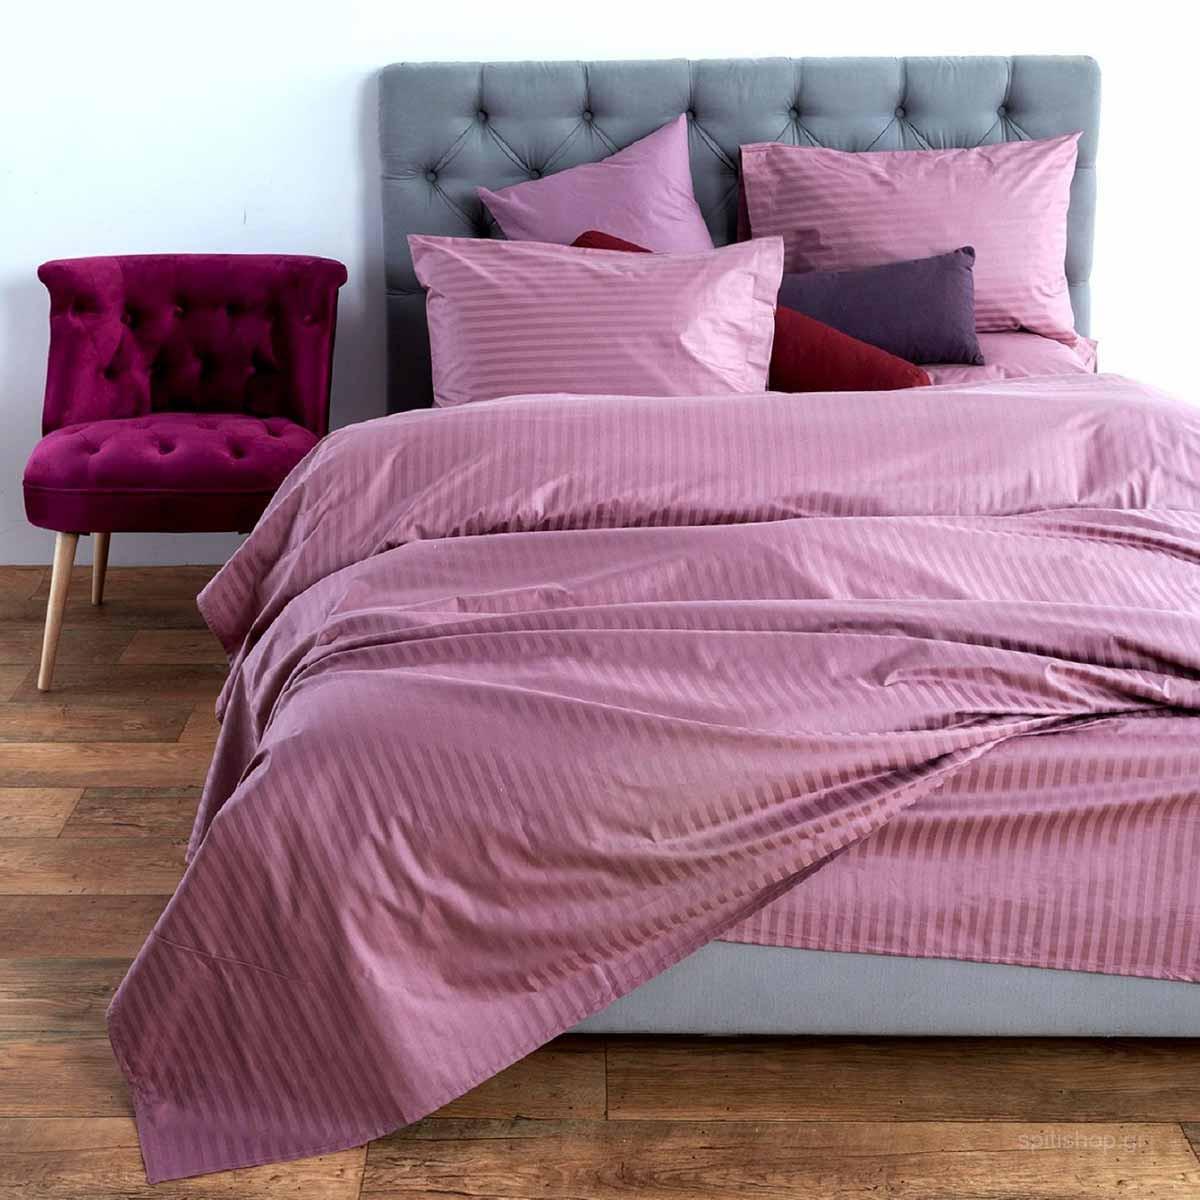 Σεντόνια Υπέρδιπλα (Σετ) Sb Home Elite Lusso Dusty Pink